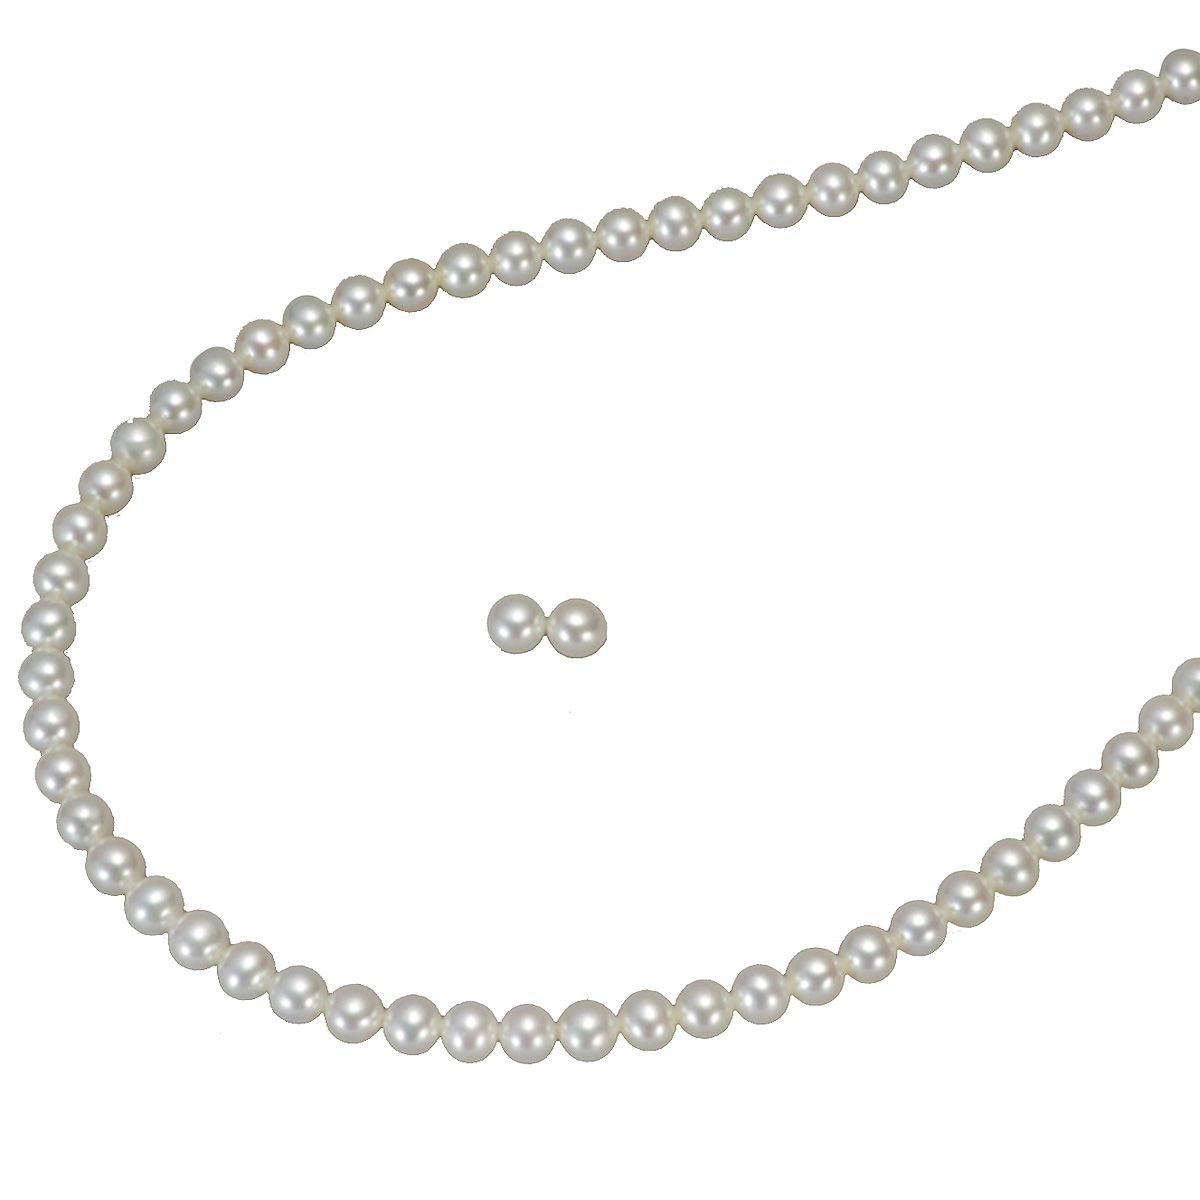 高級 淡水真珠 フォーマル セット 約5.0-5.5mmの写真